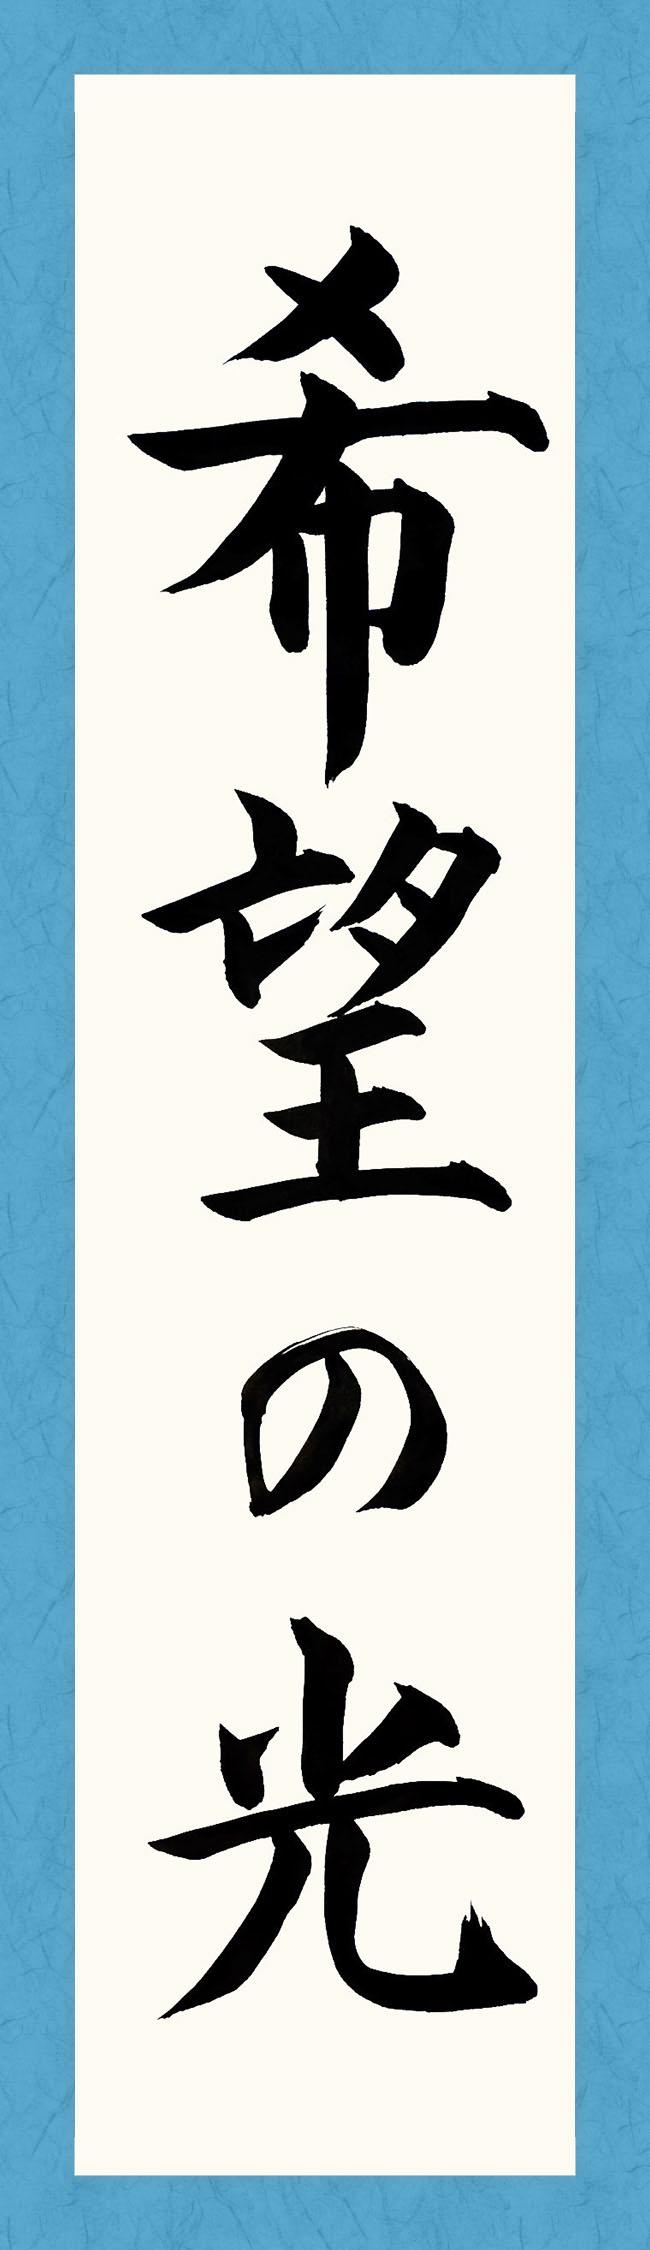 書道・習字の手本                                                                                    希望の光                            (きぼうのひかり)